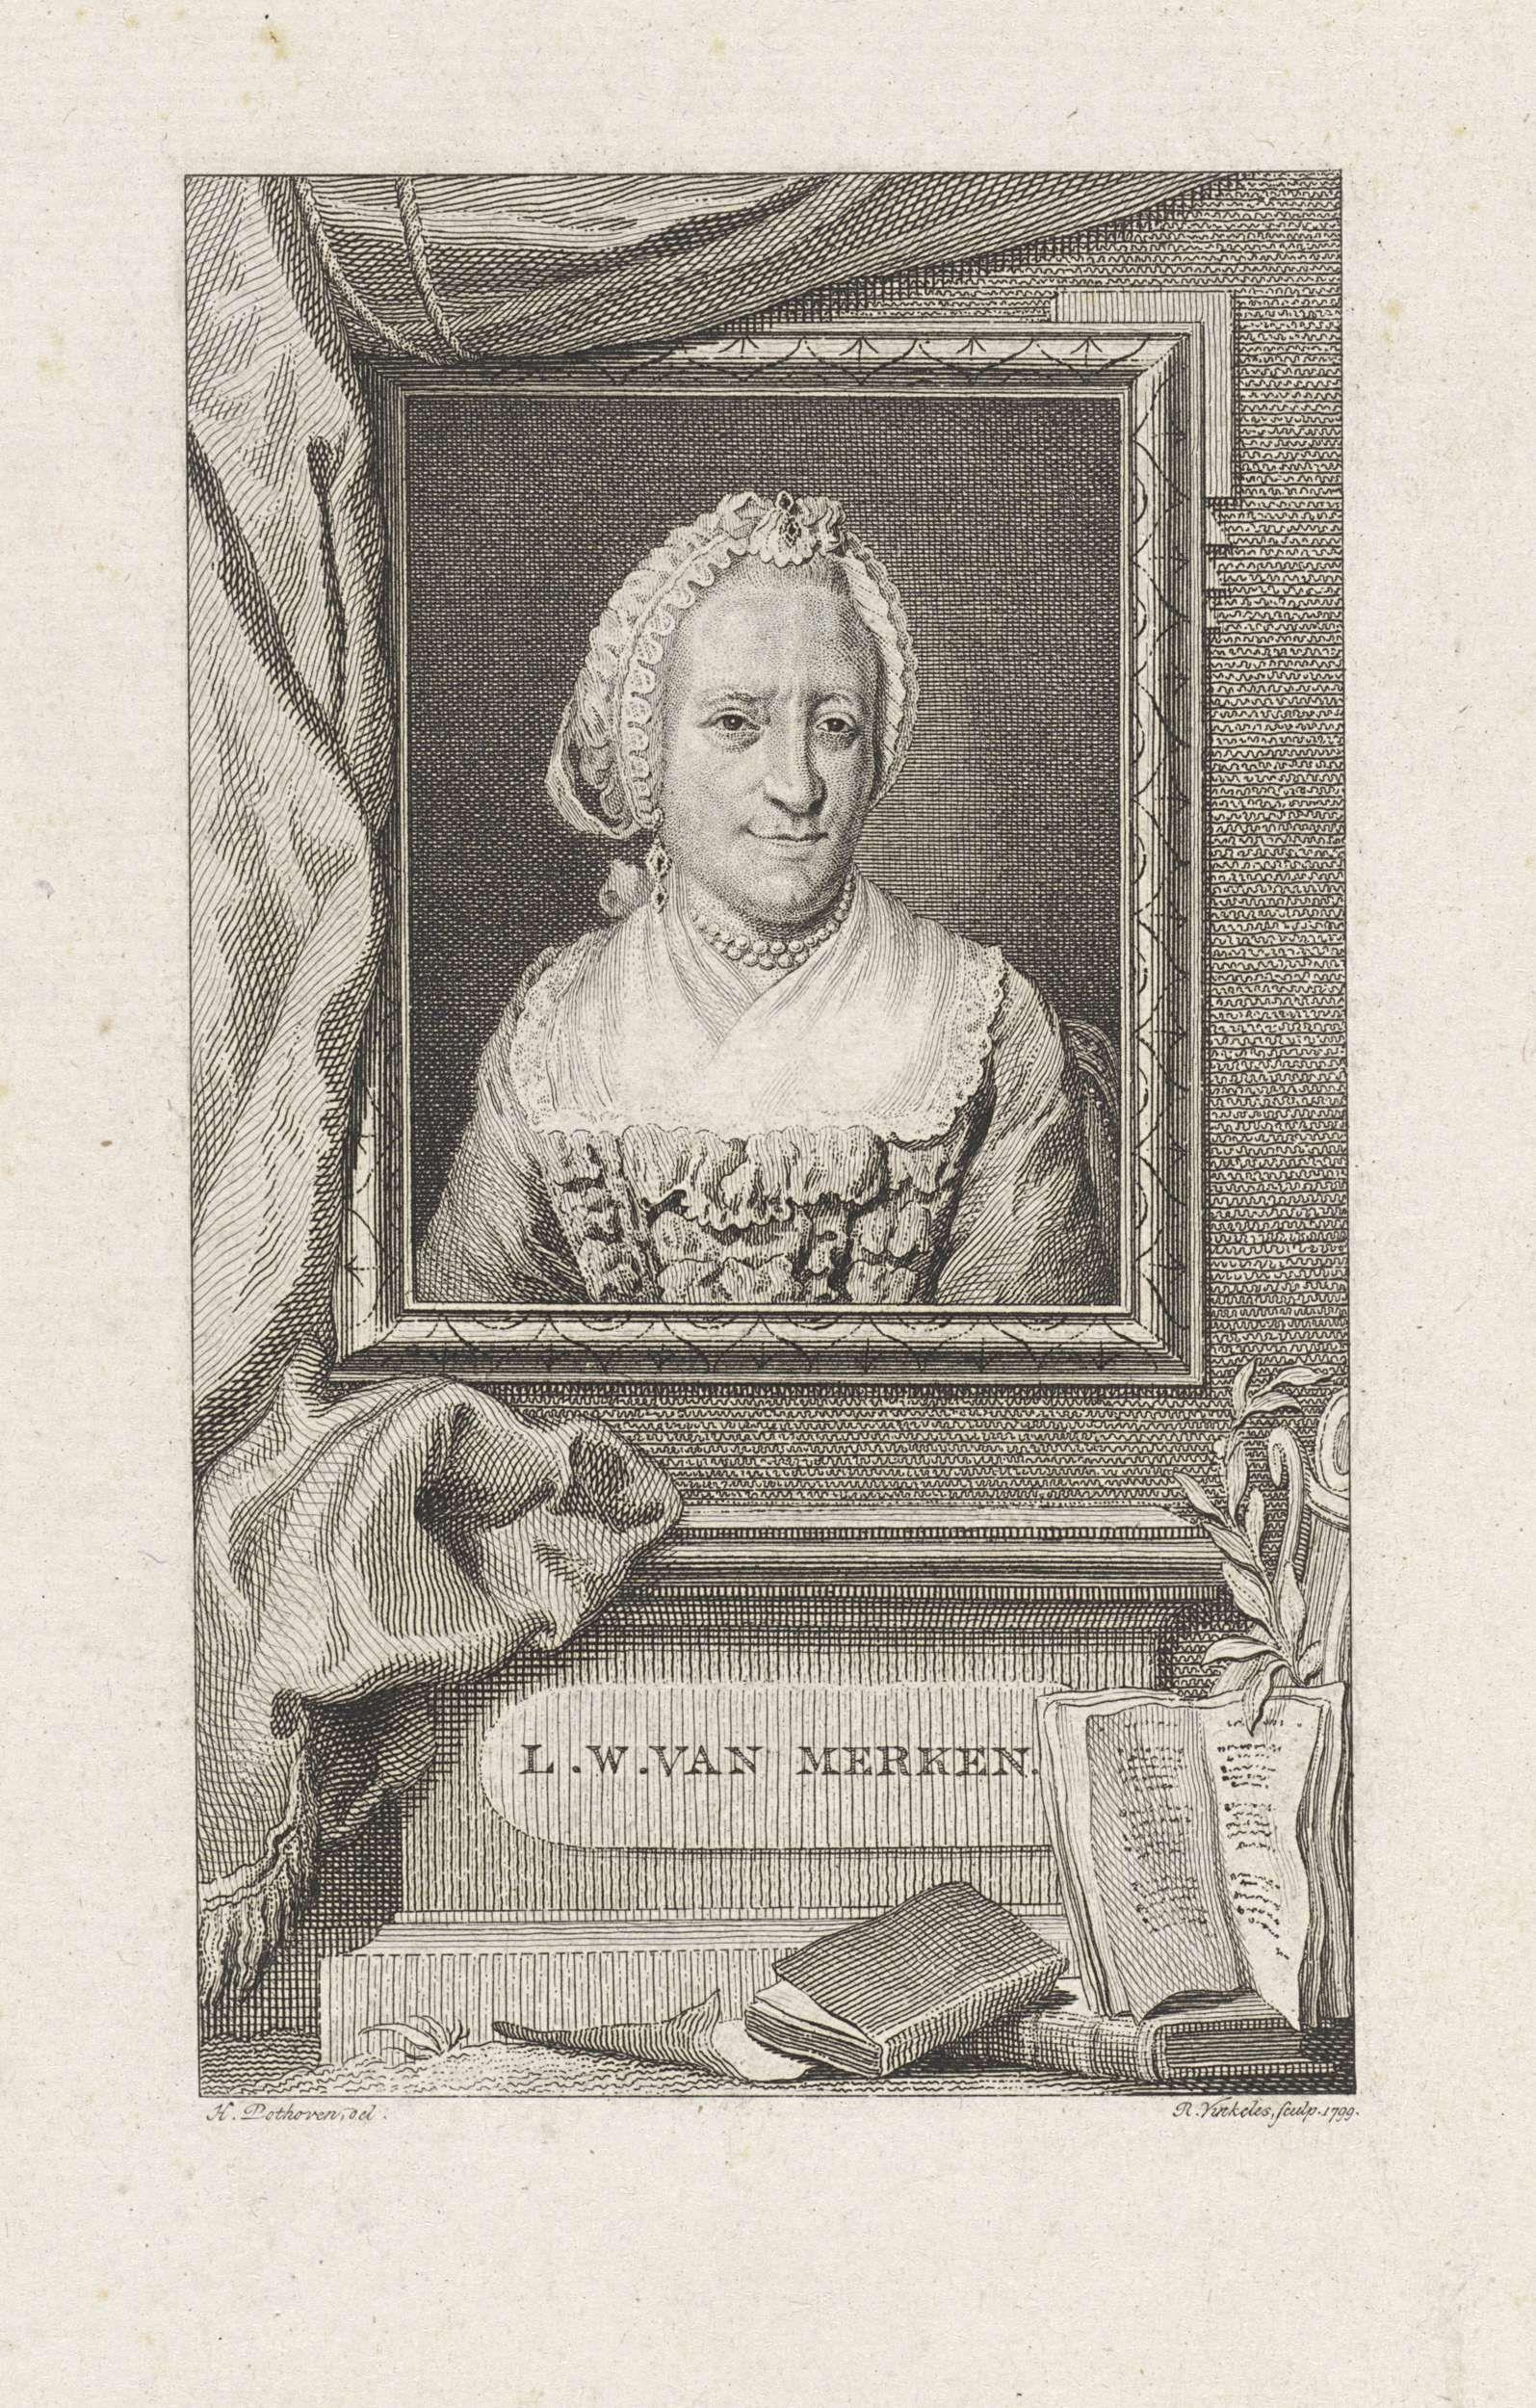 Reinier Vinkeles | Portret van Lucretia Wilhelmina van Merken, Reinier Vinkeles, 1799 | Portret van de Nederlandse dichteres Lucretia Wilhelmina van Merken.